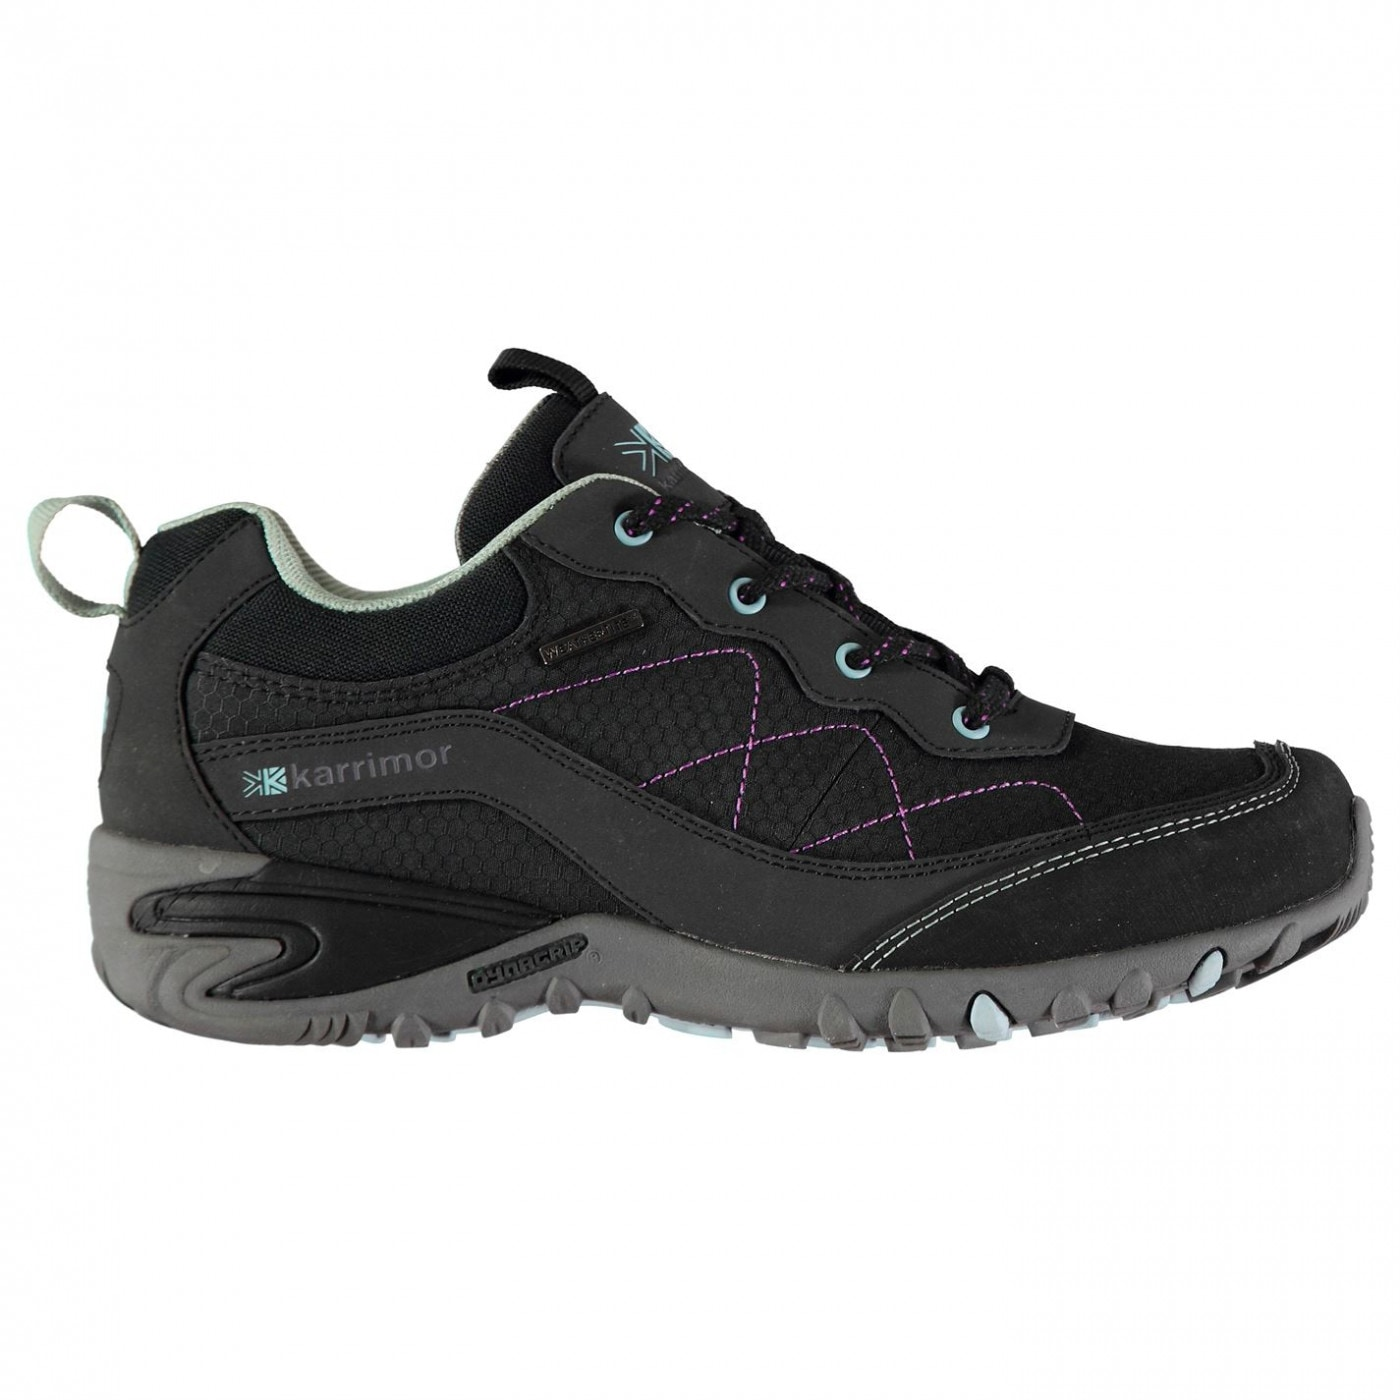 Karrimor Corrie Ladies Waterproof Walking Shoes